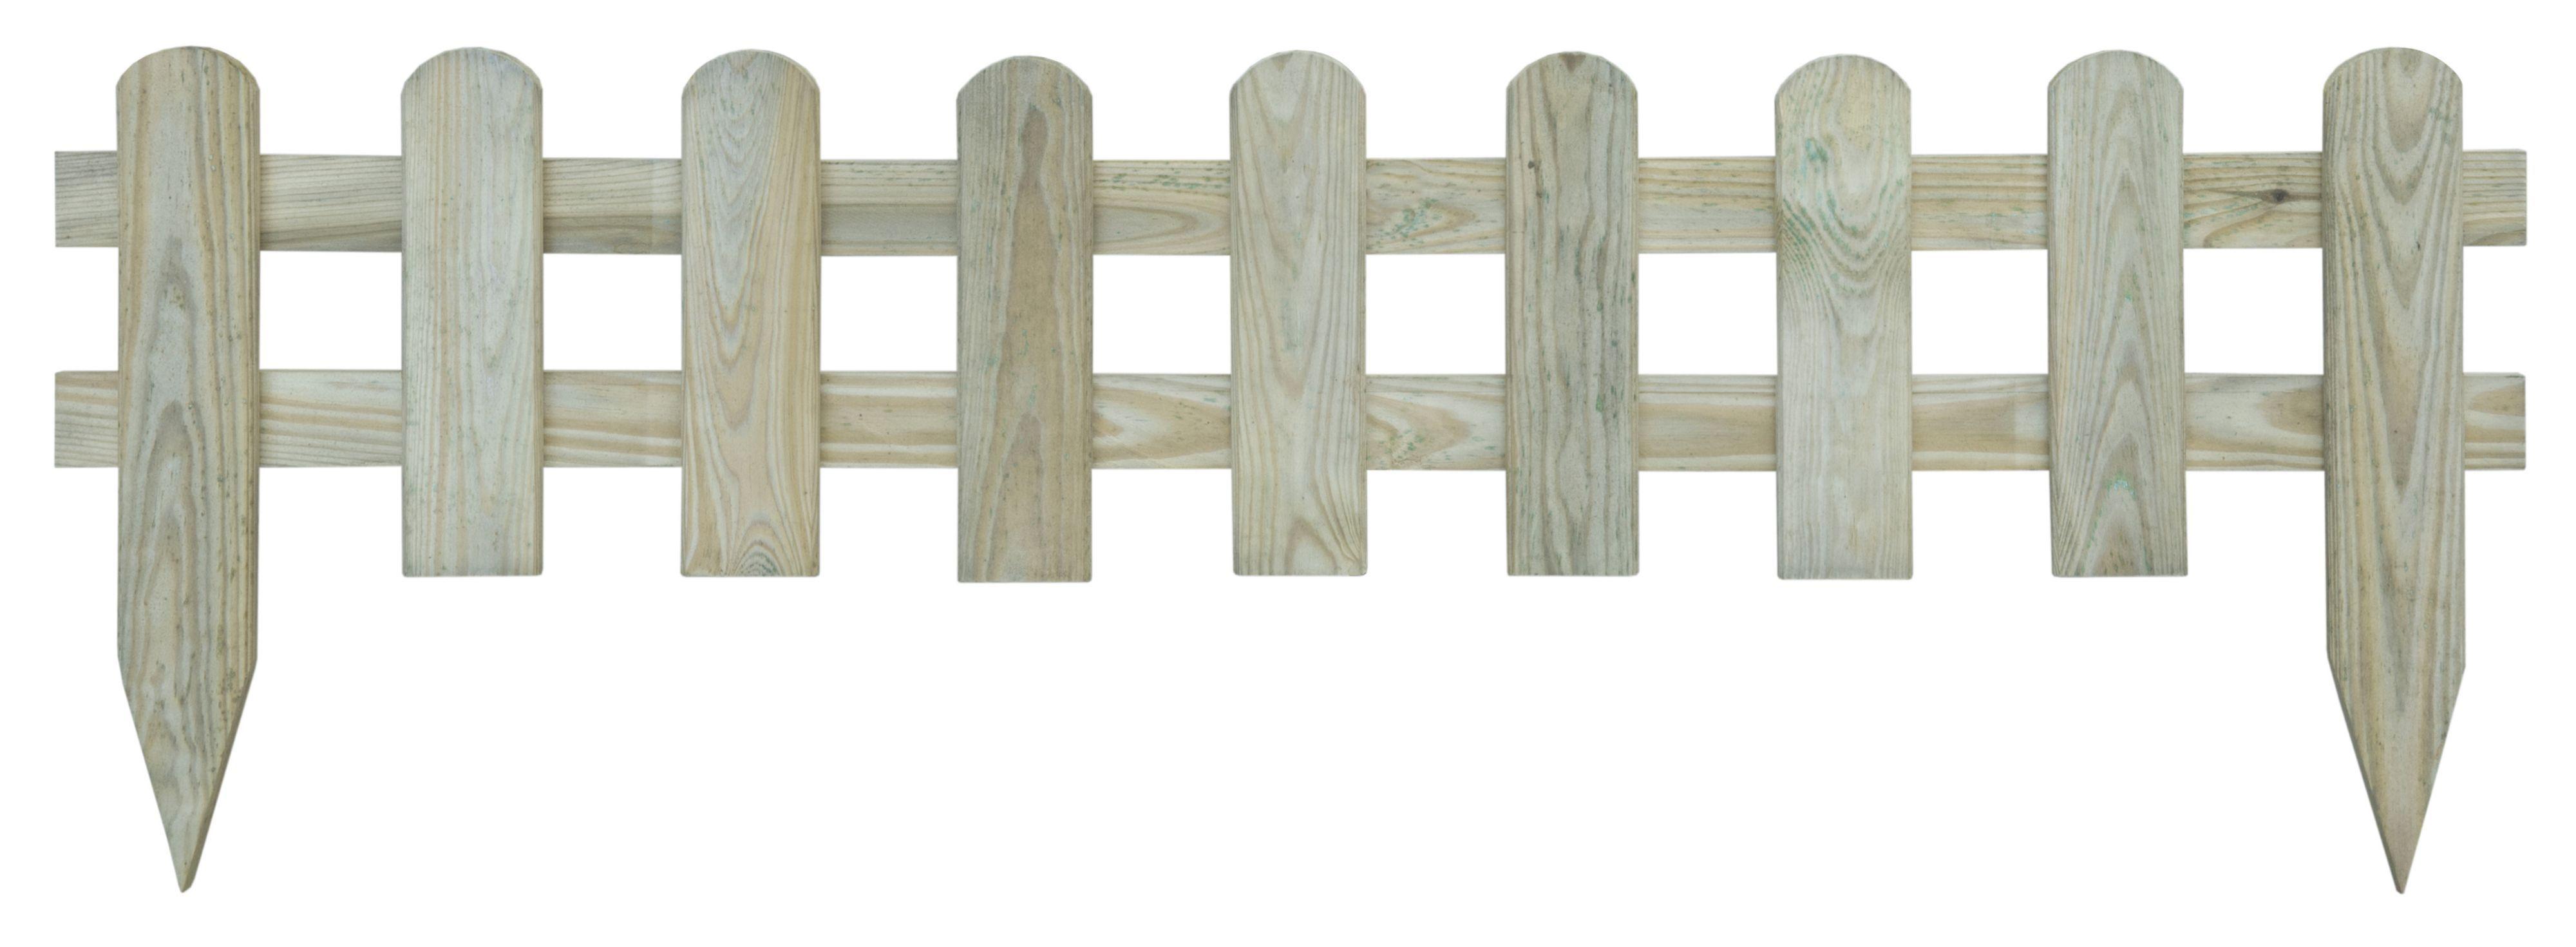 Blooma Tsugaru Round Top Picket Fence W 1 1 M H 0 25m